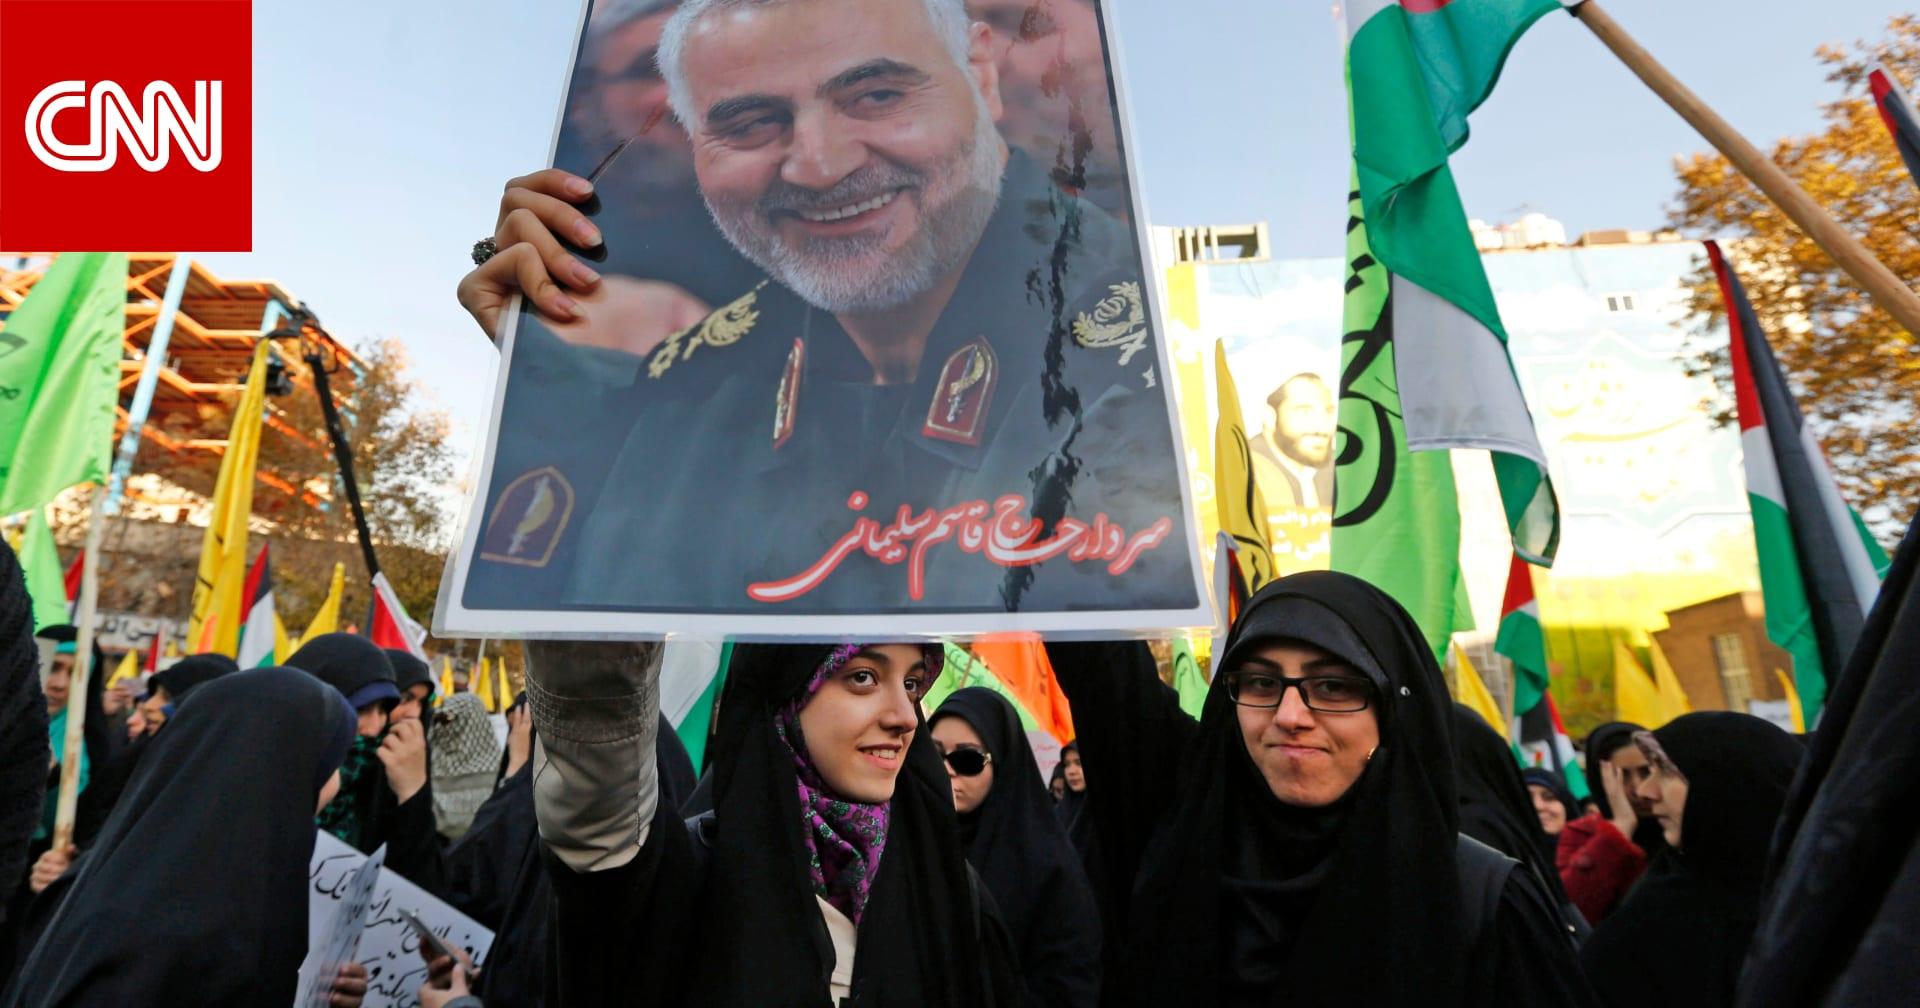 رئيس الموساد الإسرائيلي: اغتيال قاسم سليماني ليس مستحيلا ولا نريد إسقاط النظام الإيراني